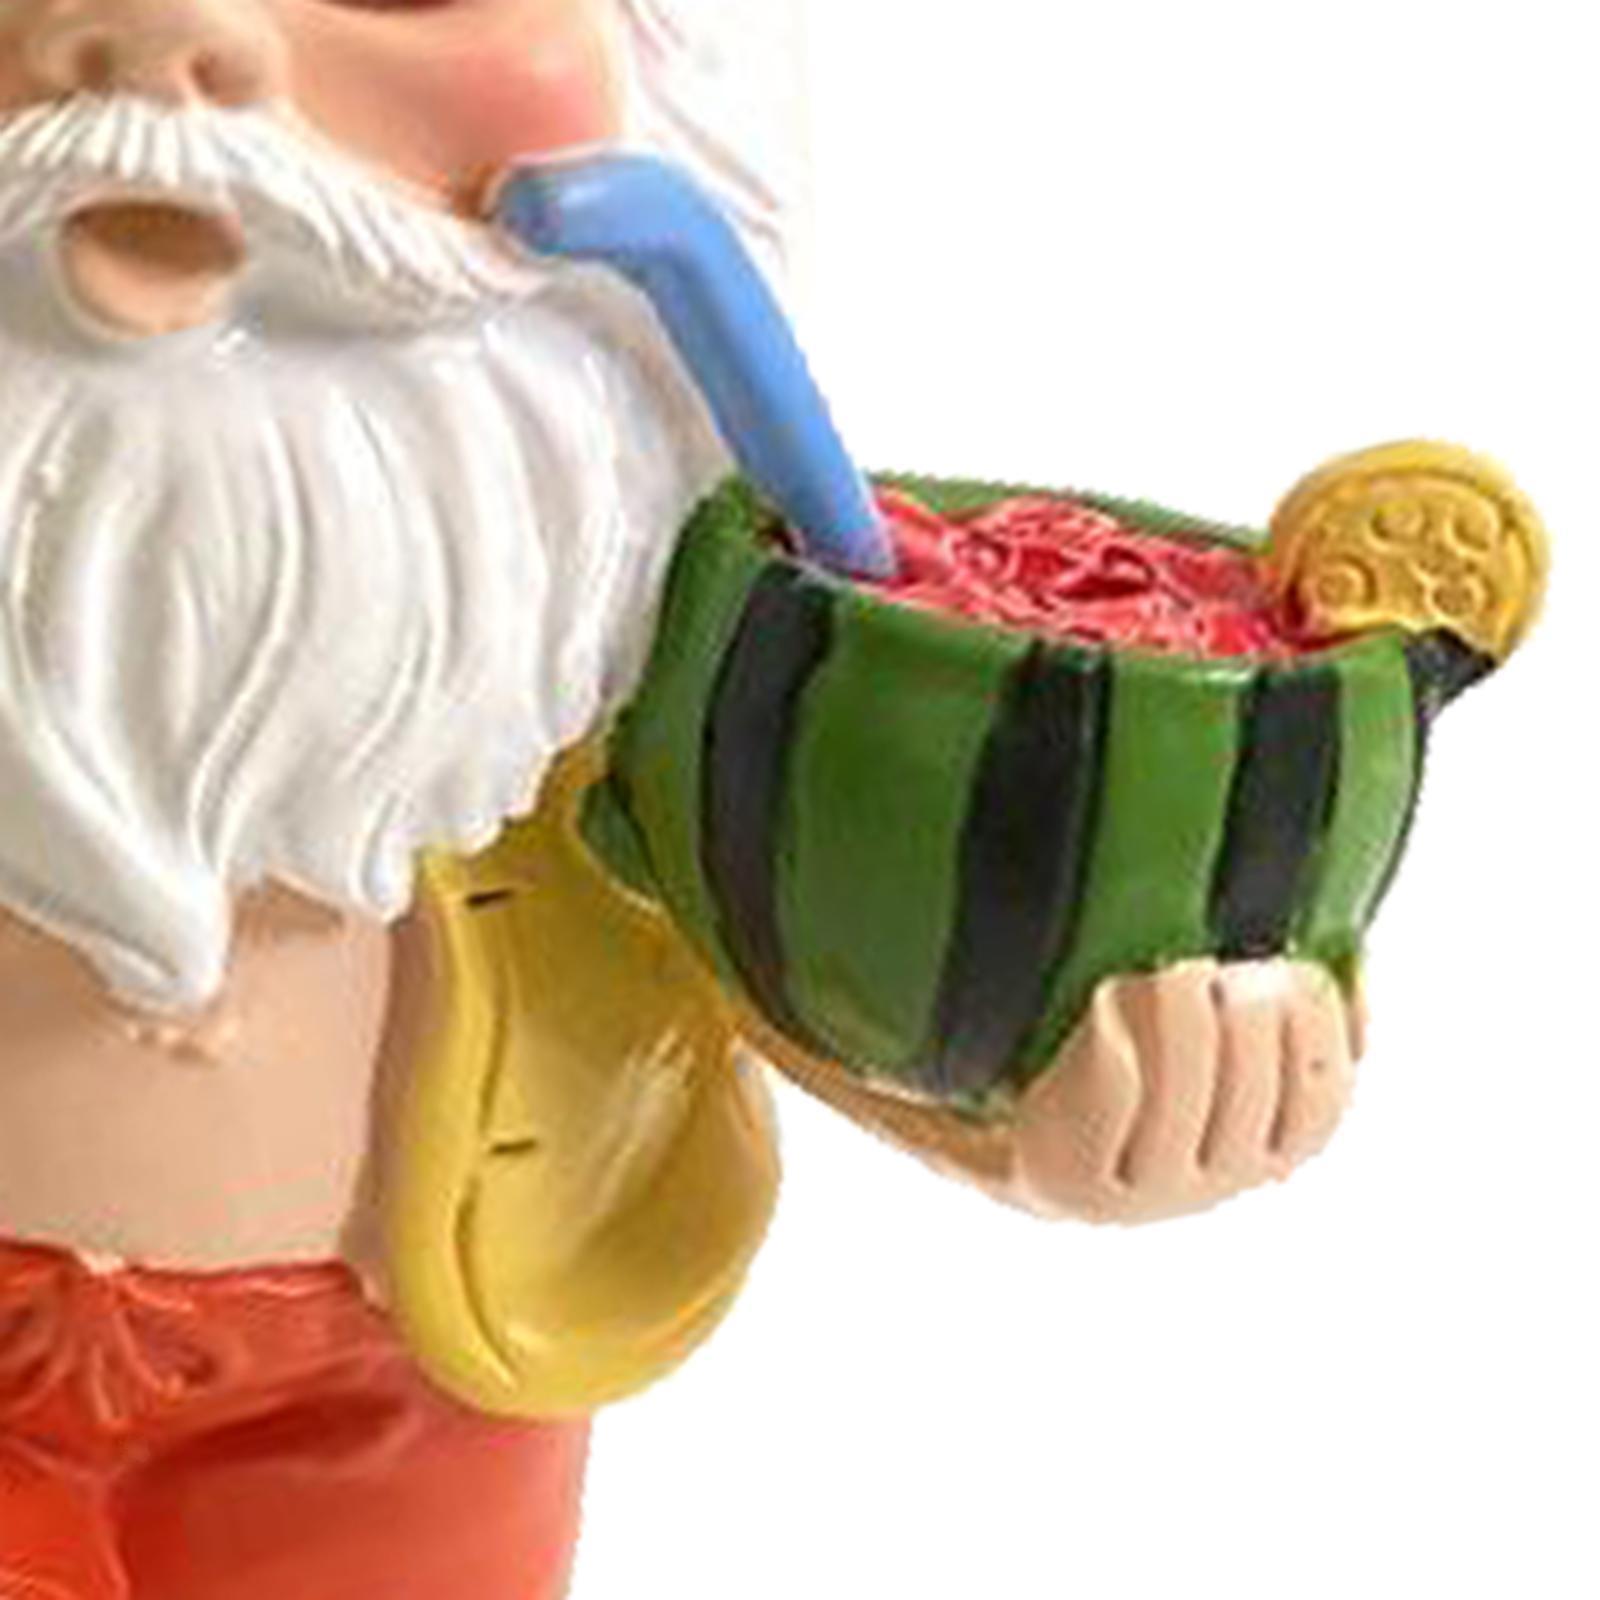 thumbnail 13 - Garden Gnome Polyresin Garden Sculpture Outdoor/Indoor Decor Funny Lawn Figurine